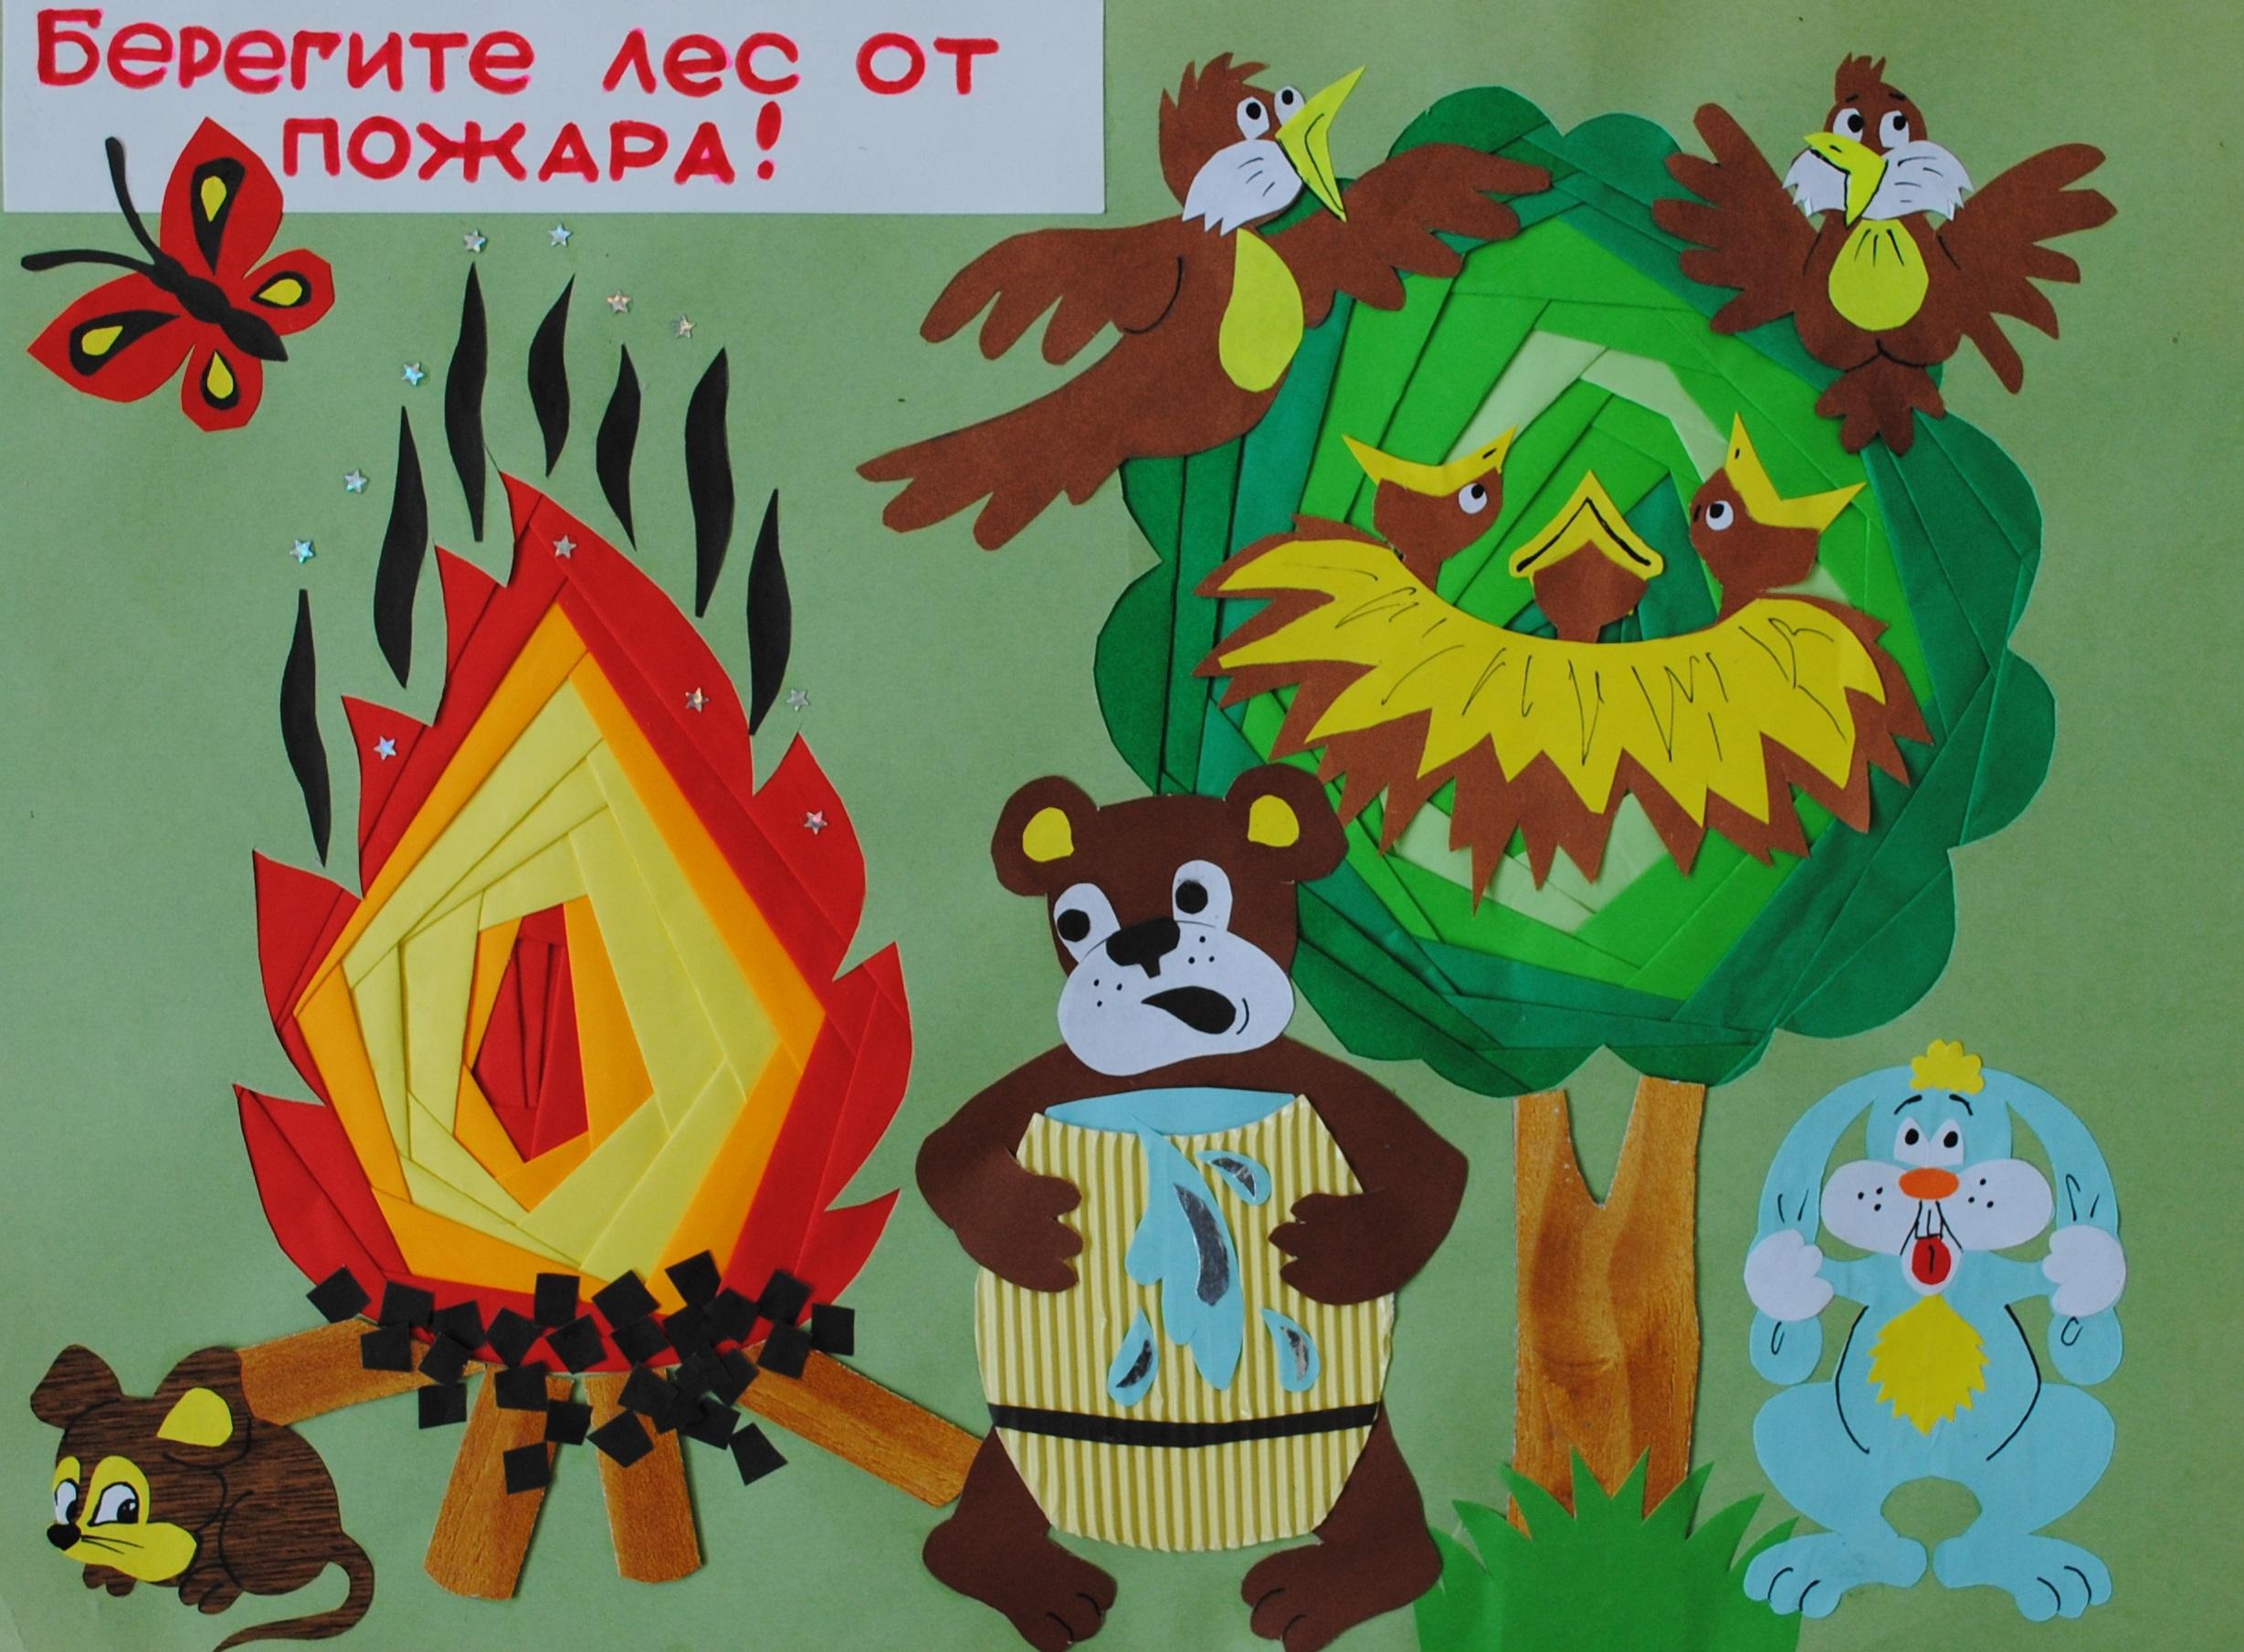 Областной конкурс слоганов по пожарной безопасности  «Это всем должно быть ясно, что шутить с огнем опасно»